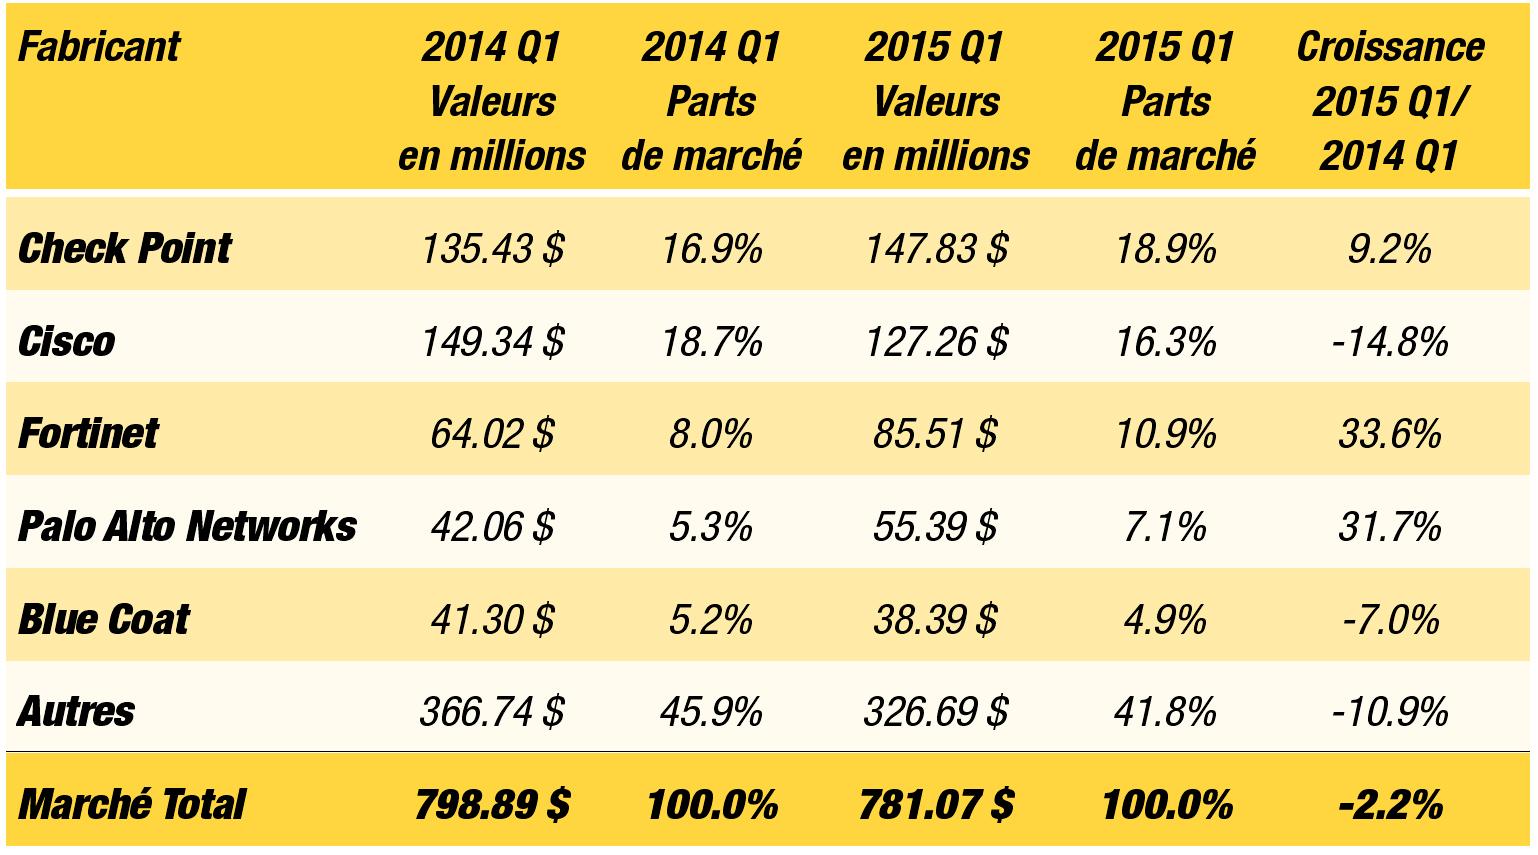 Les 5 meilleurs vendeurs sur le marché européen des appliances de sécurité au premier trimestre 2015 (Quarter 1) vis-à-vis du marché 2014.